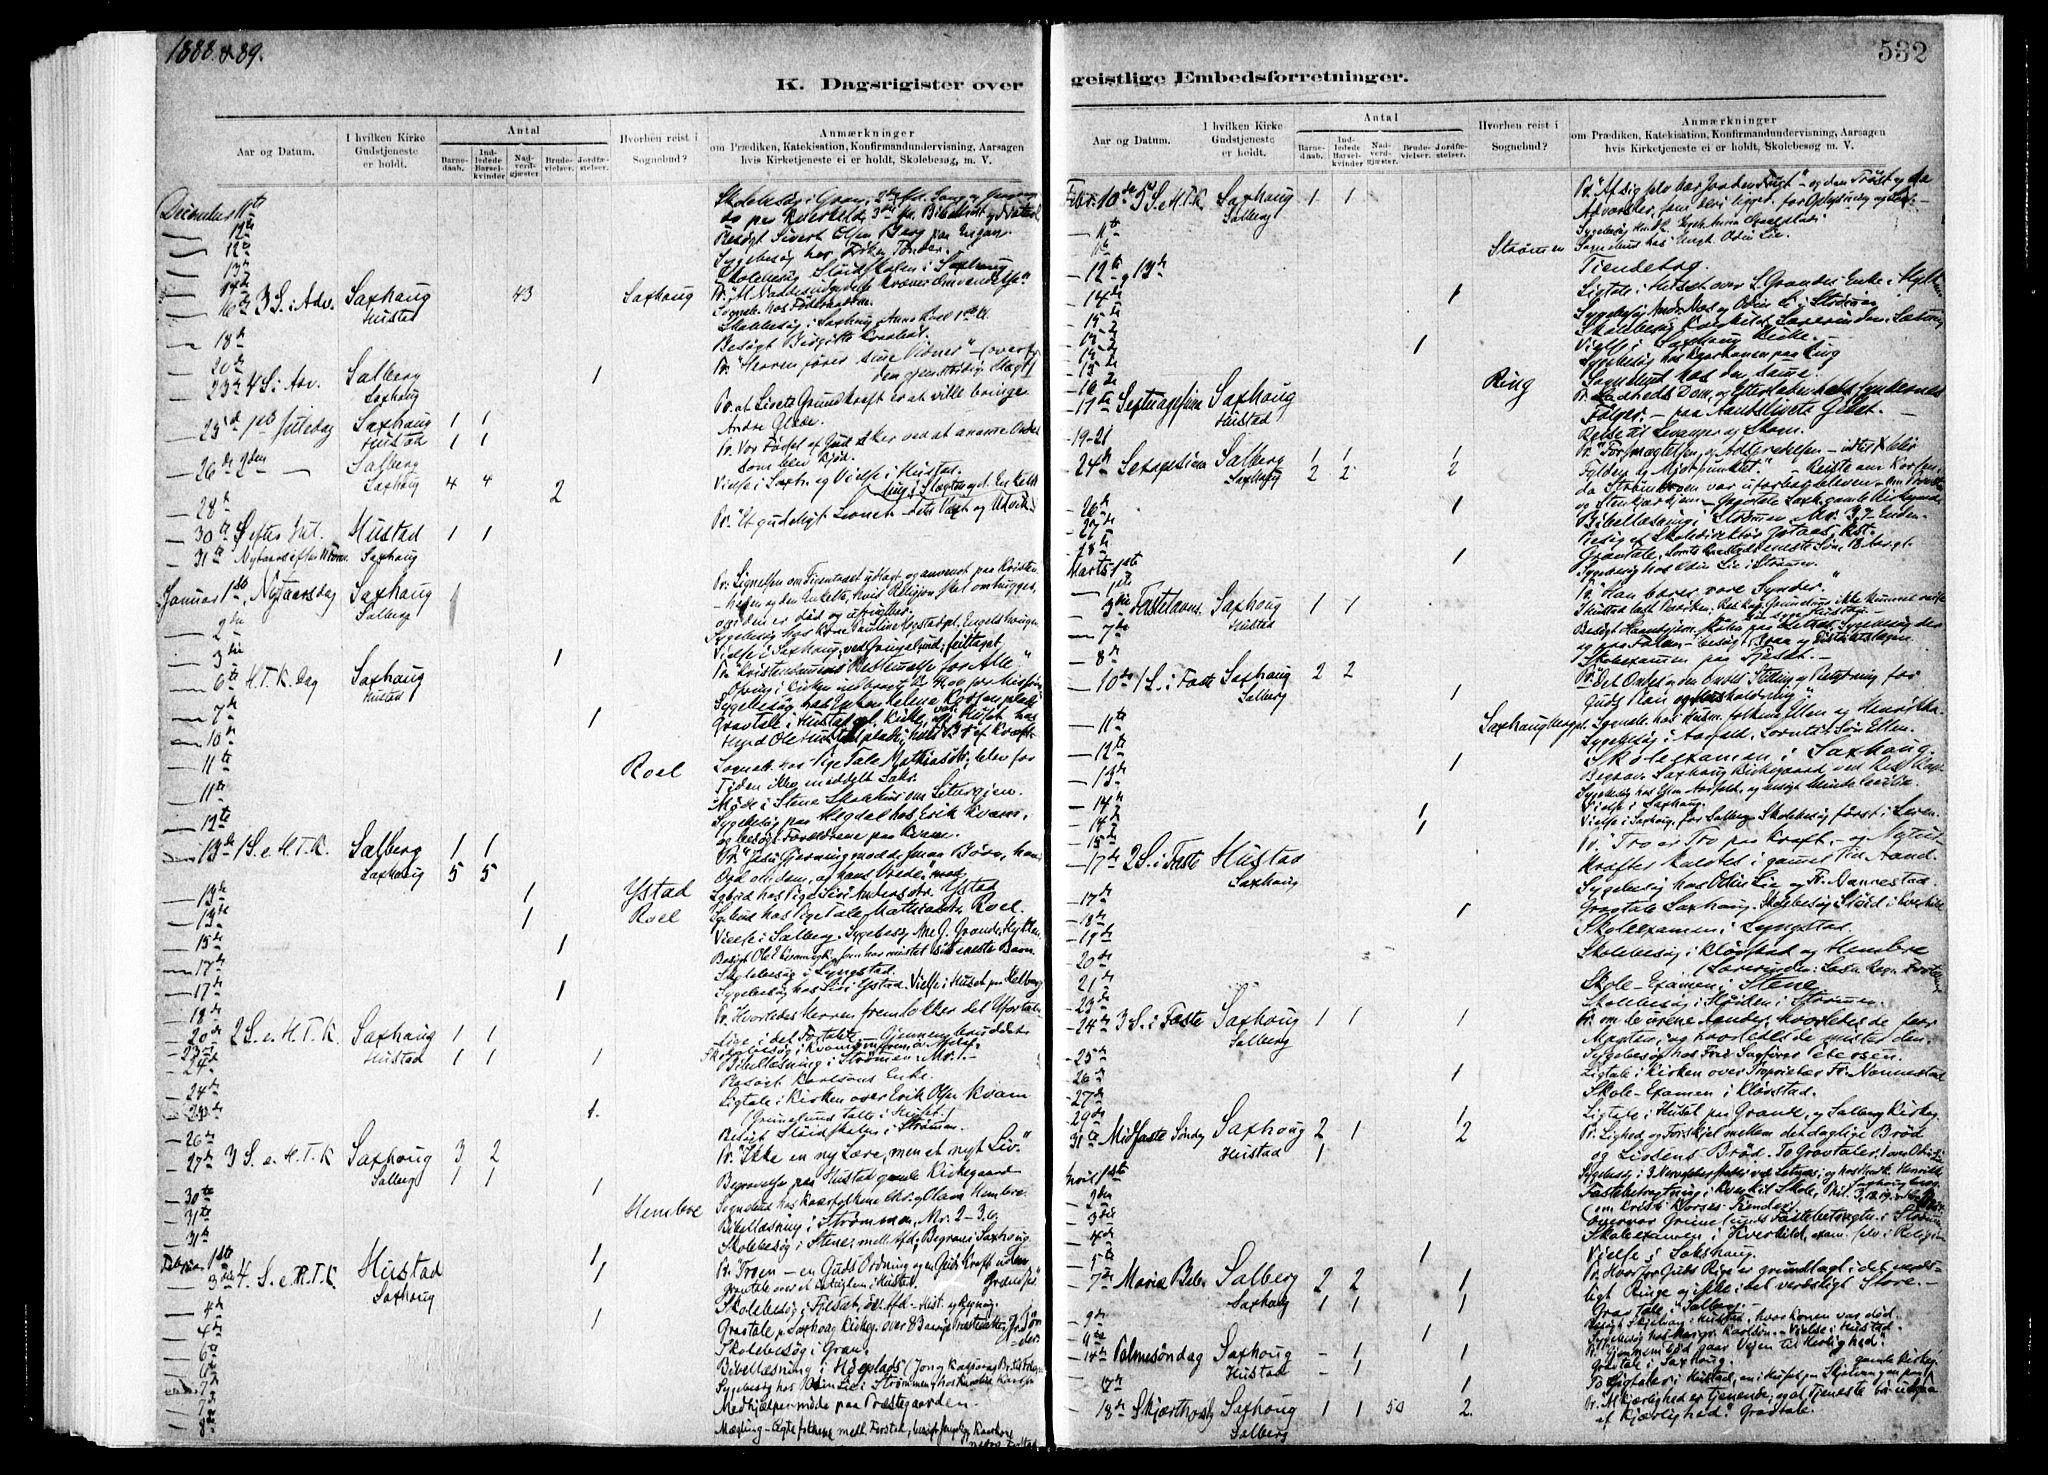 SAT, Ministerialprotokoller, klokkerbøker og fødselsregistre - Nord-Trøndelag, 730/L0285: Ministerialbok nr. 730A10, 1879-1914, s. 532